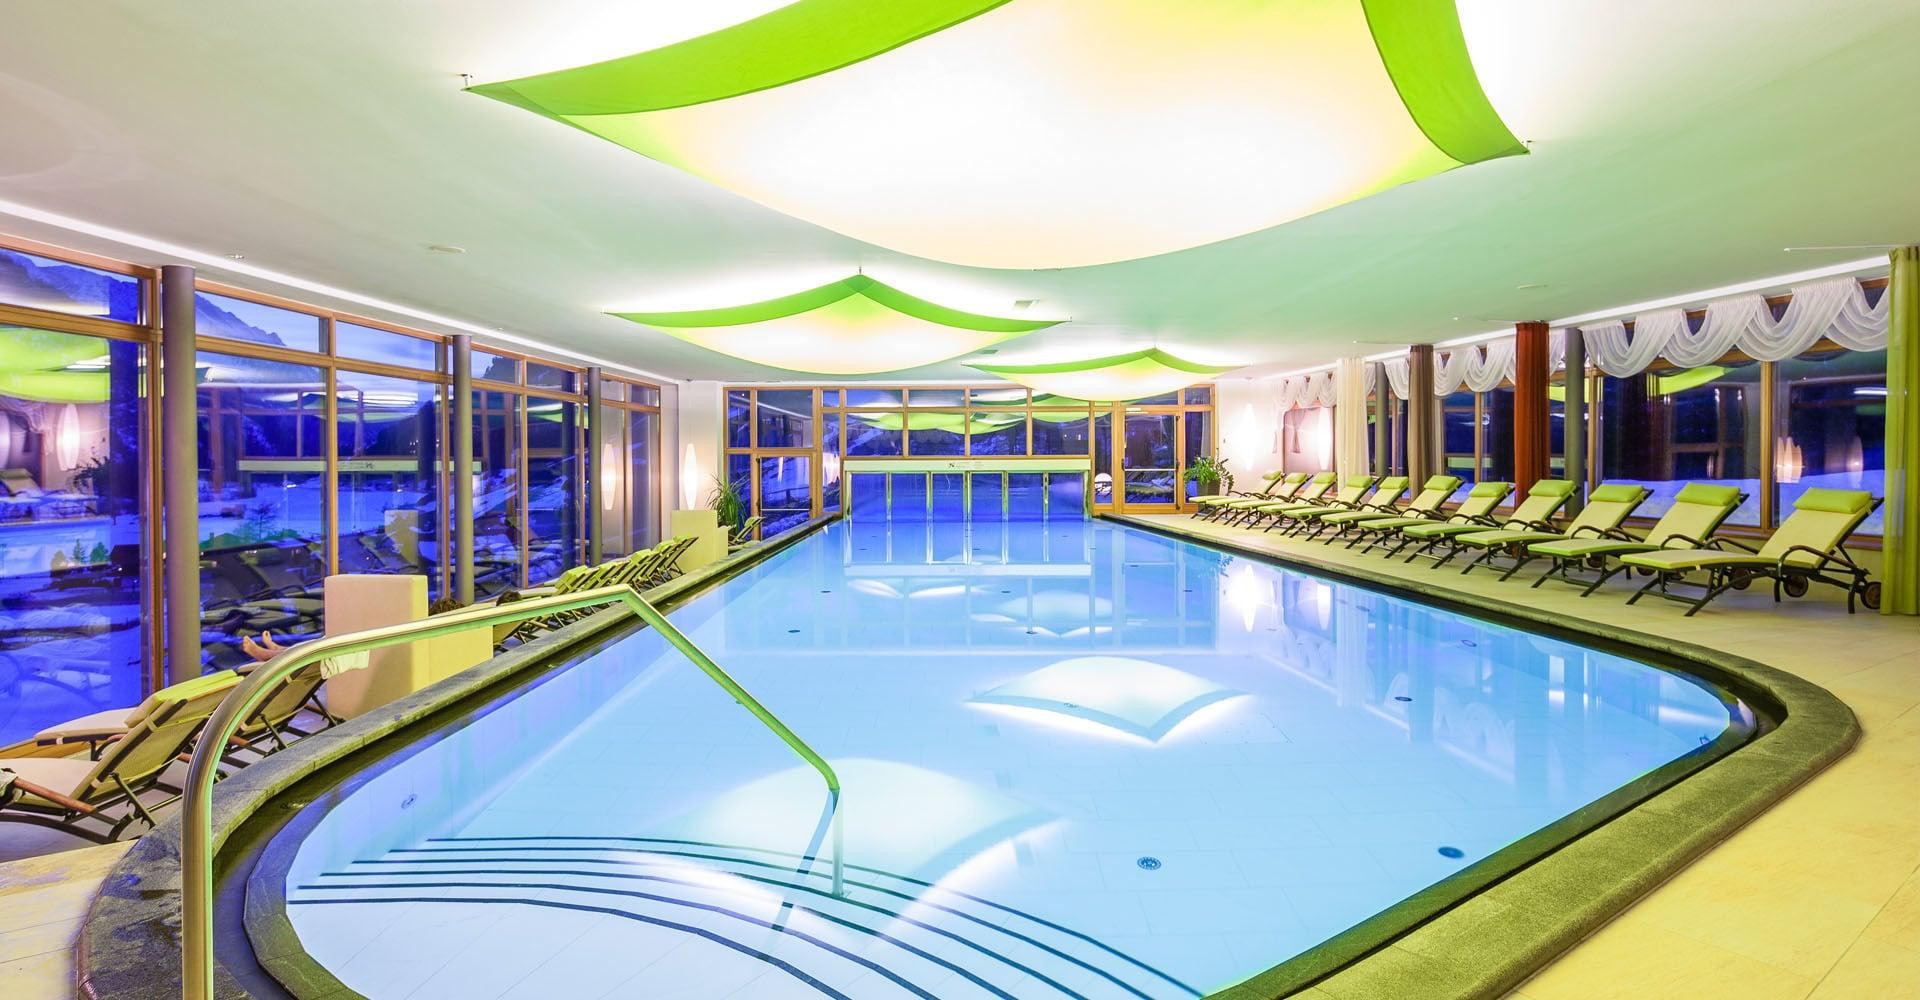 Albergo benessere val pusteriea trentino con centro benessere - Hotel montagna con piscina esterna riscaldata ...